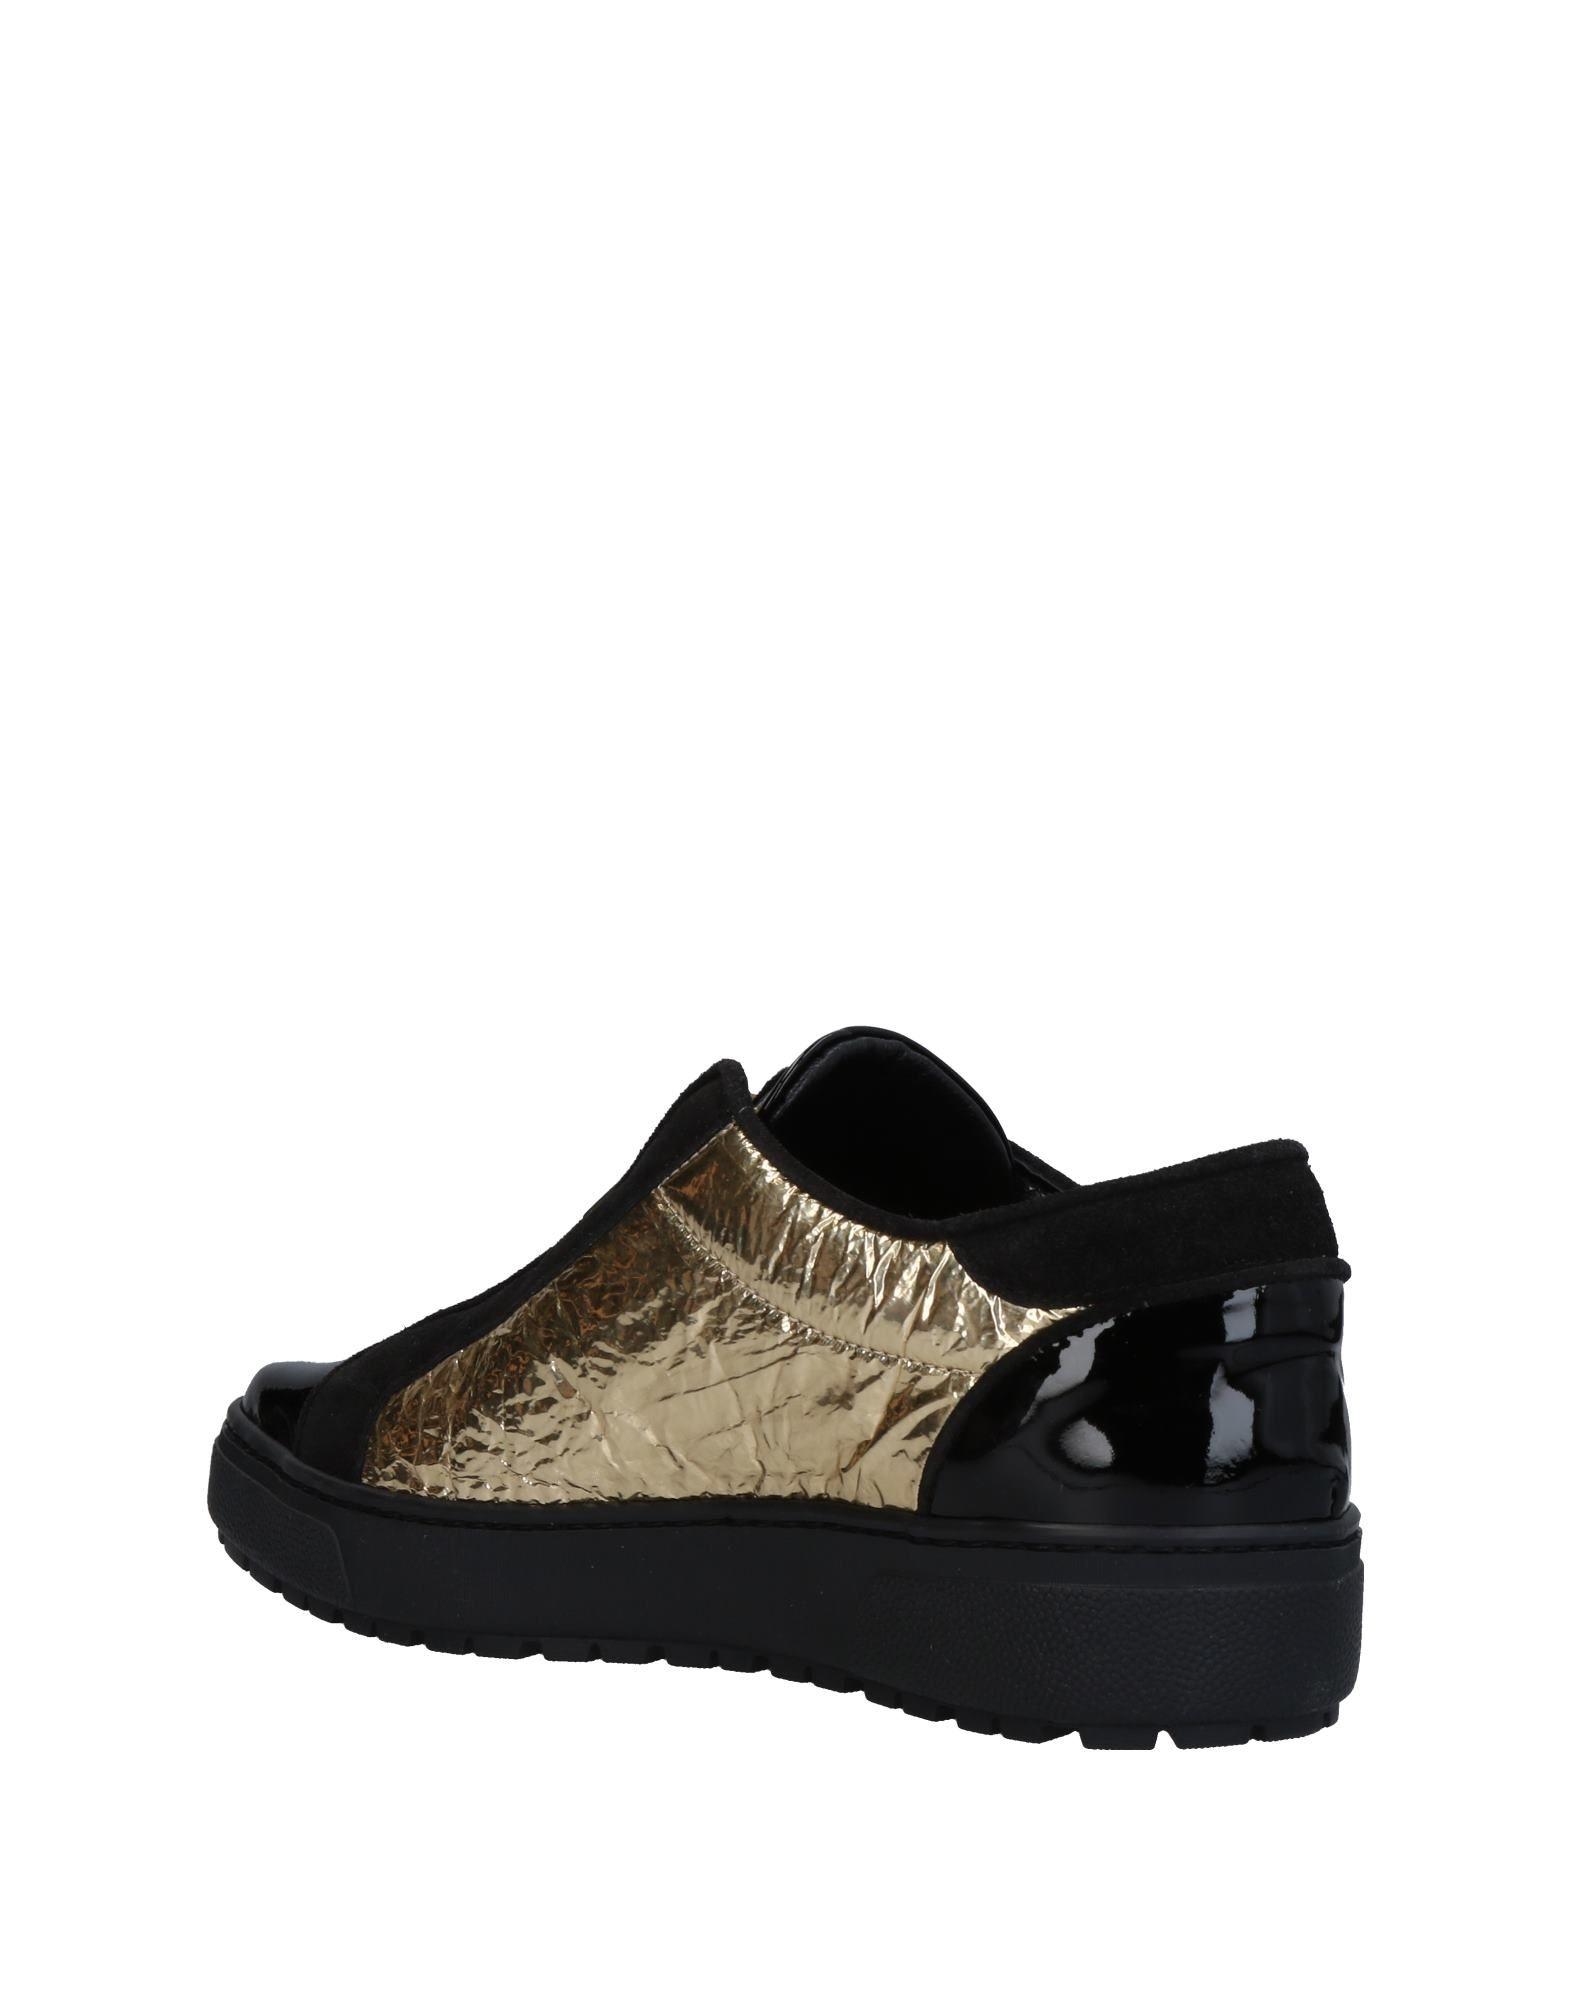 Pinko Sneakers Damen  11457233GH Gute Qualität beliebte Schuhe